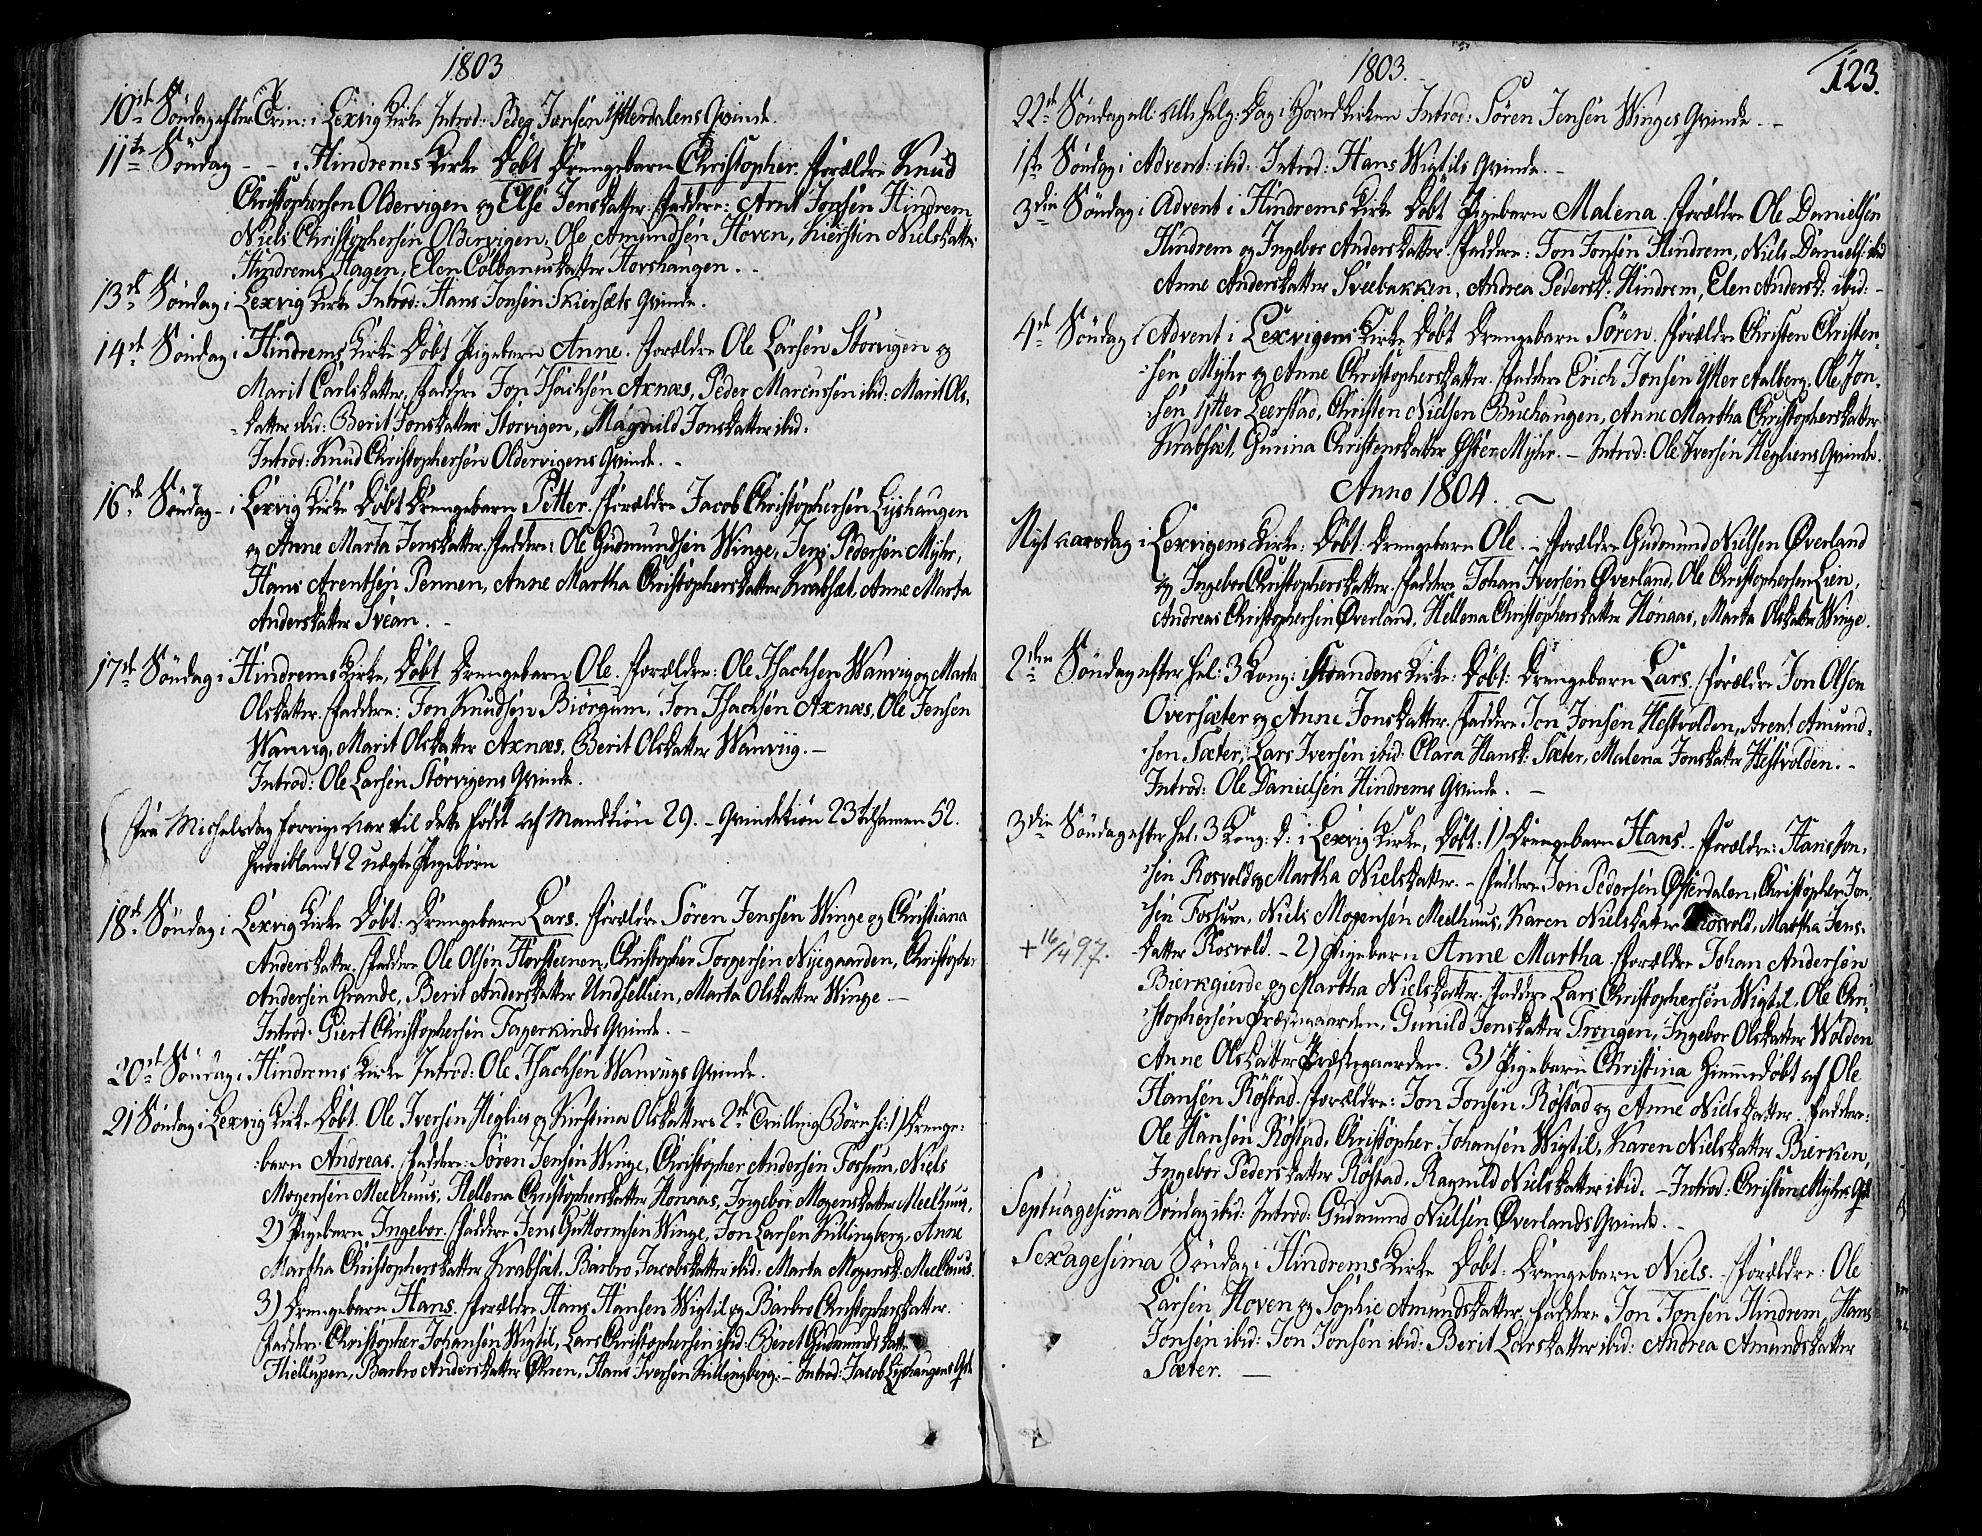 SAT, Ministerialprotokoller, klokkerbøker og fødselsregistre - Nord-Trøndelag, 701/L0004: Ministerialbok nr. 701A04, 1783-1816, s. 123